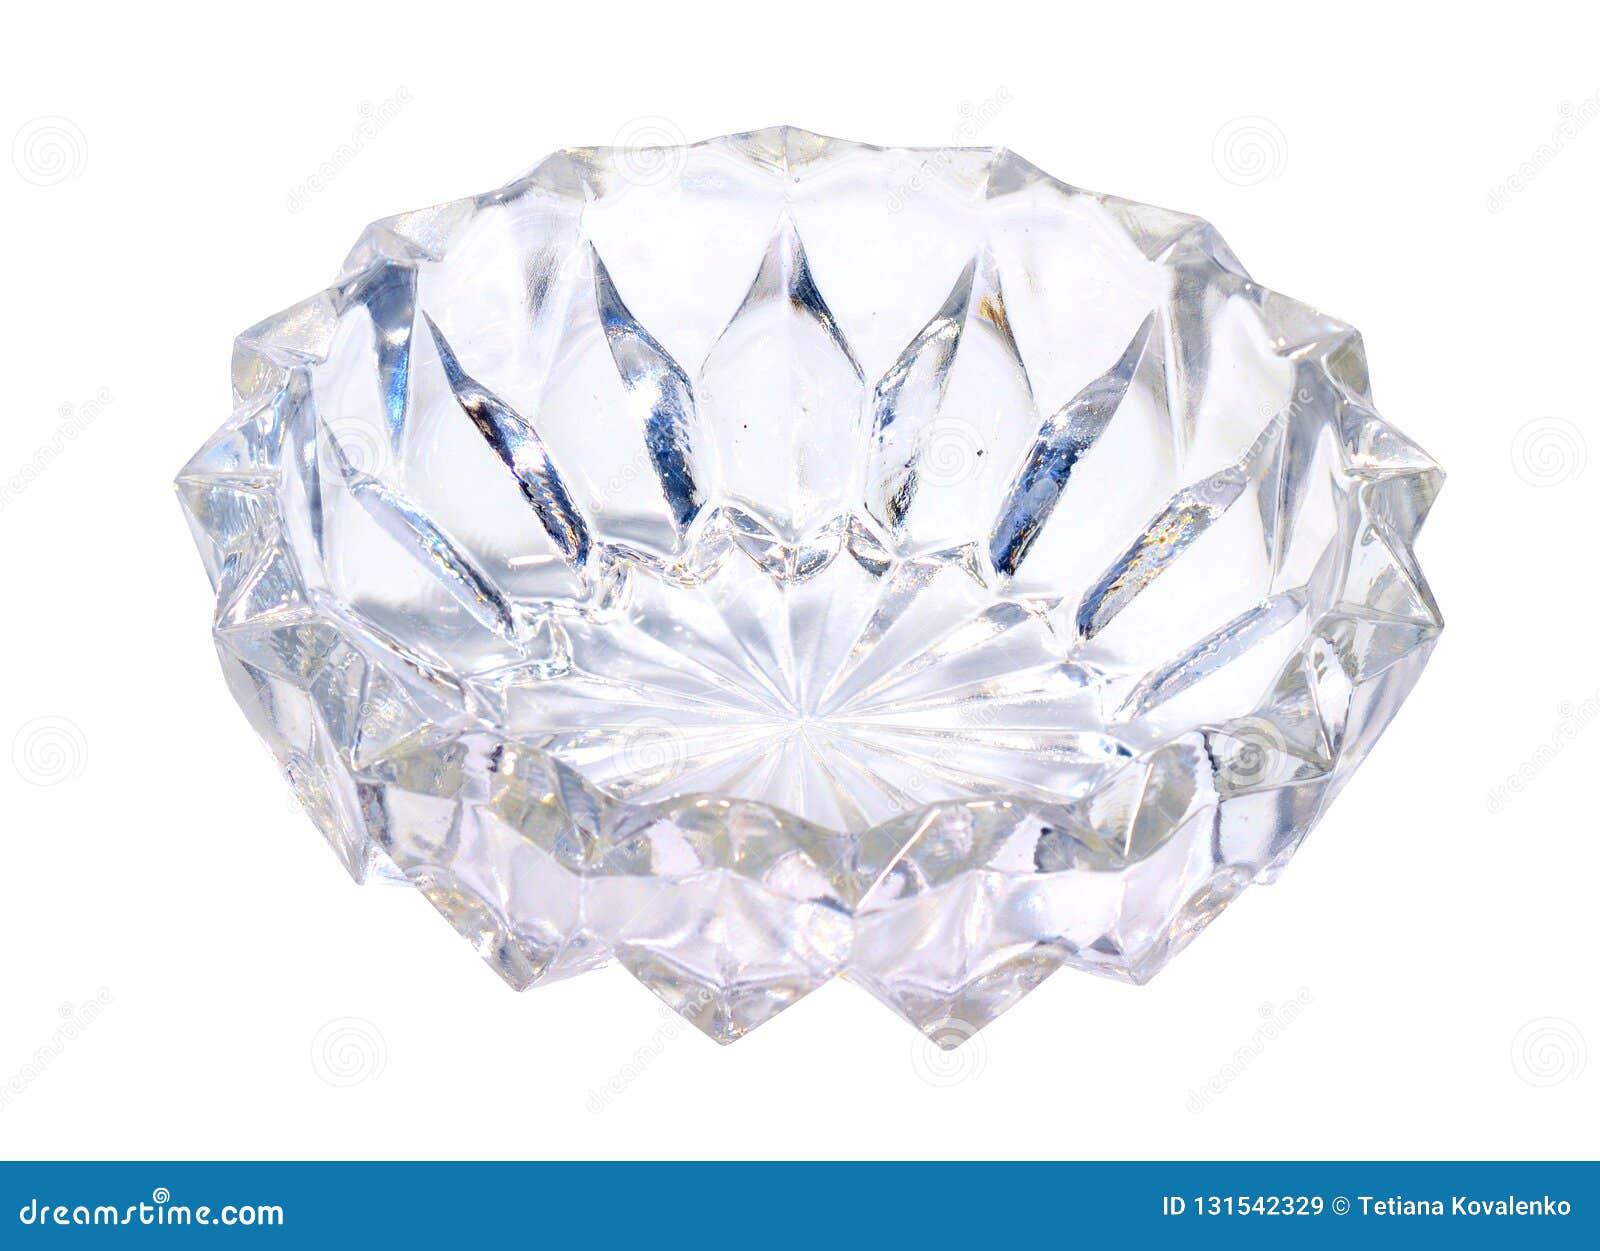 Βάζο ή πιάτο γυαλιού η ανασκόπηση απομόνωσε το λευκό